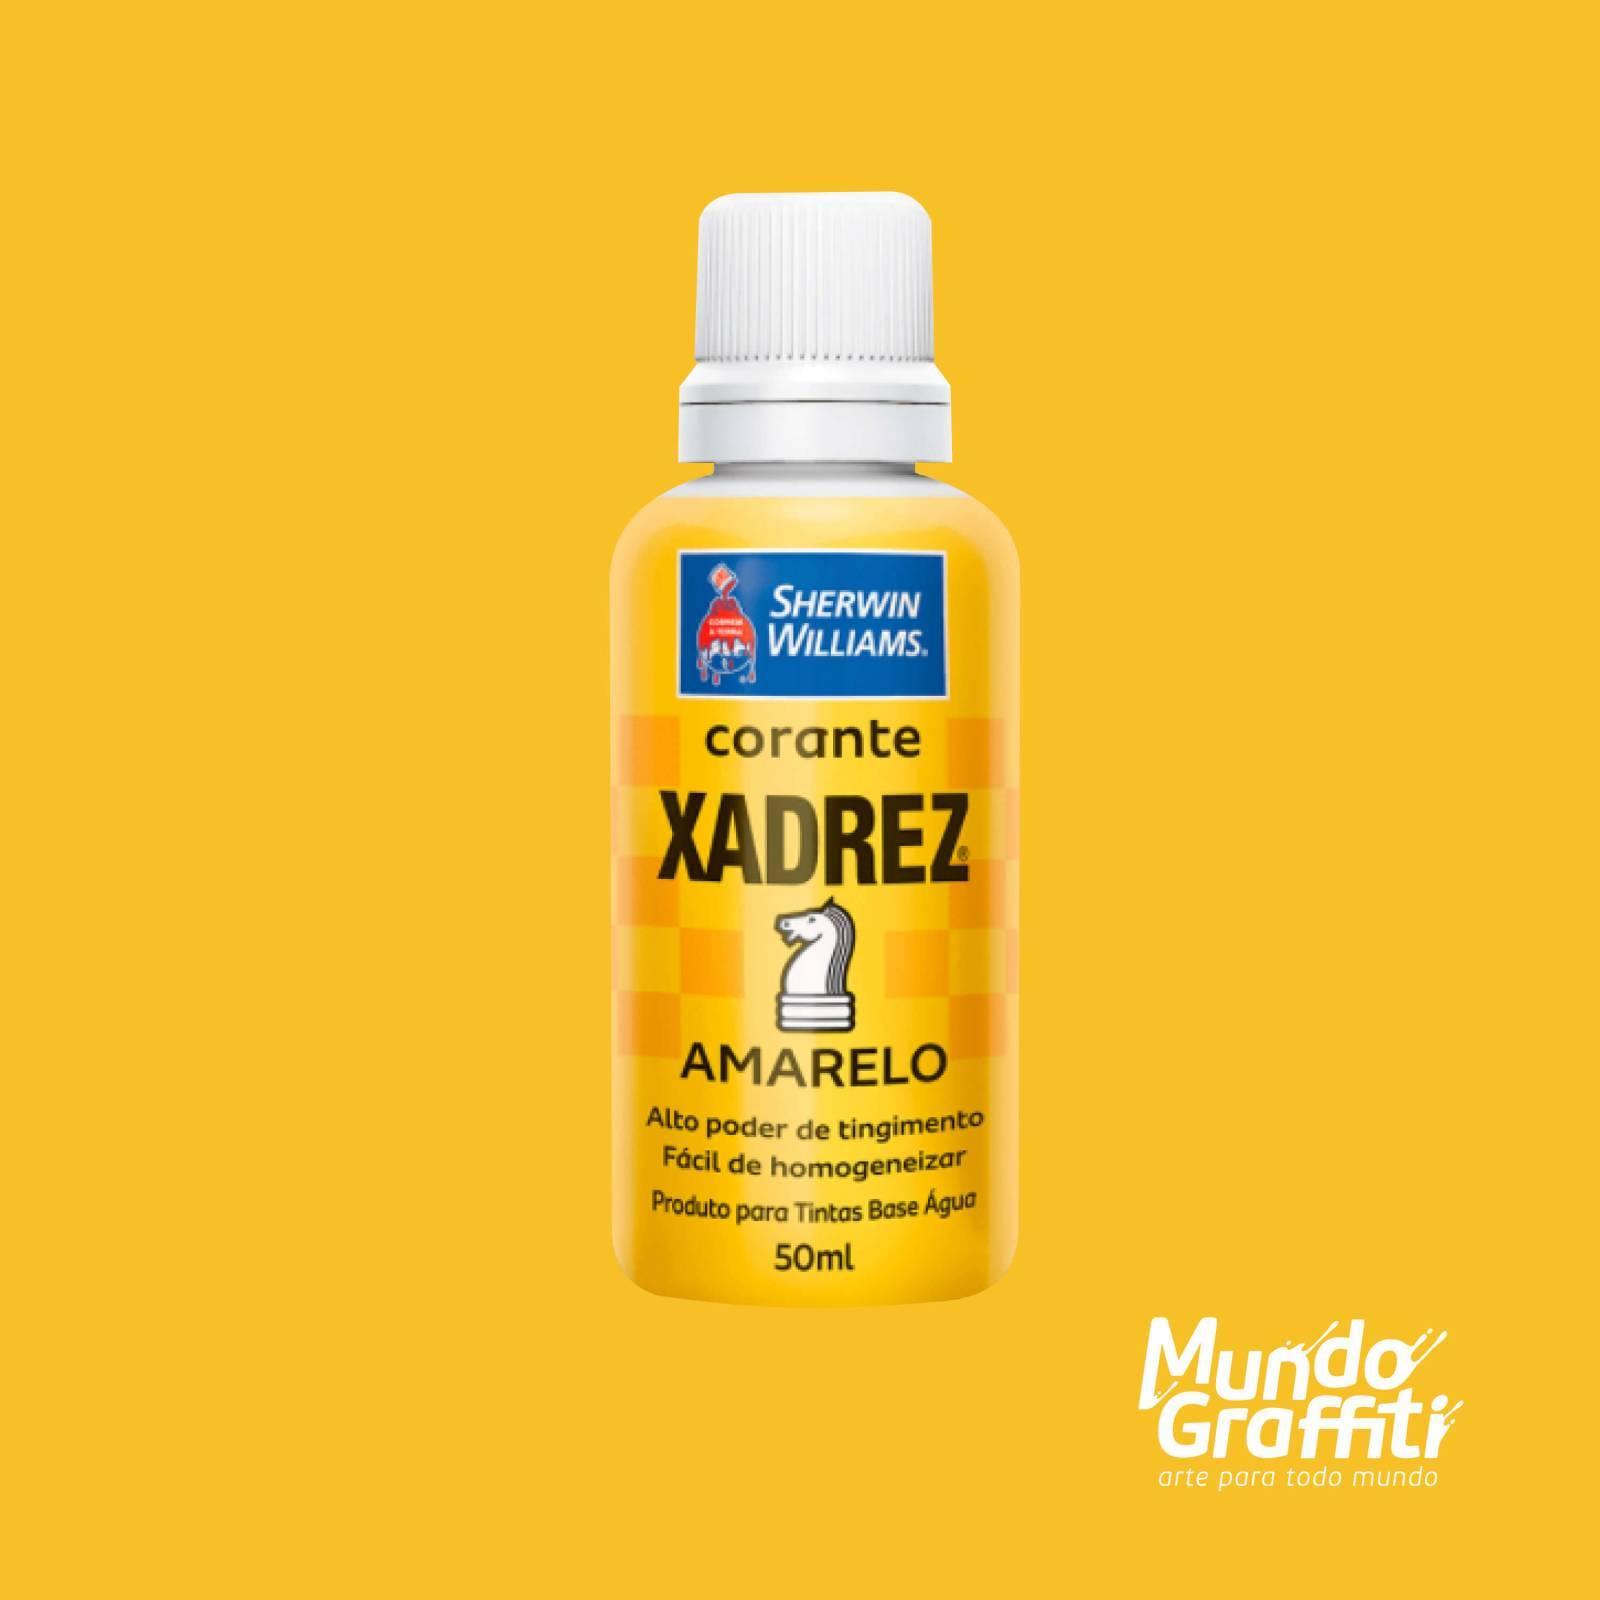 Corante Líquido Xadrez Amarelo 50ml - Mundo Graffiti